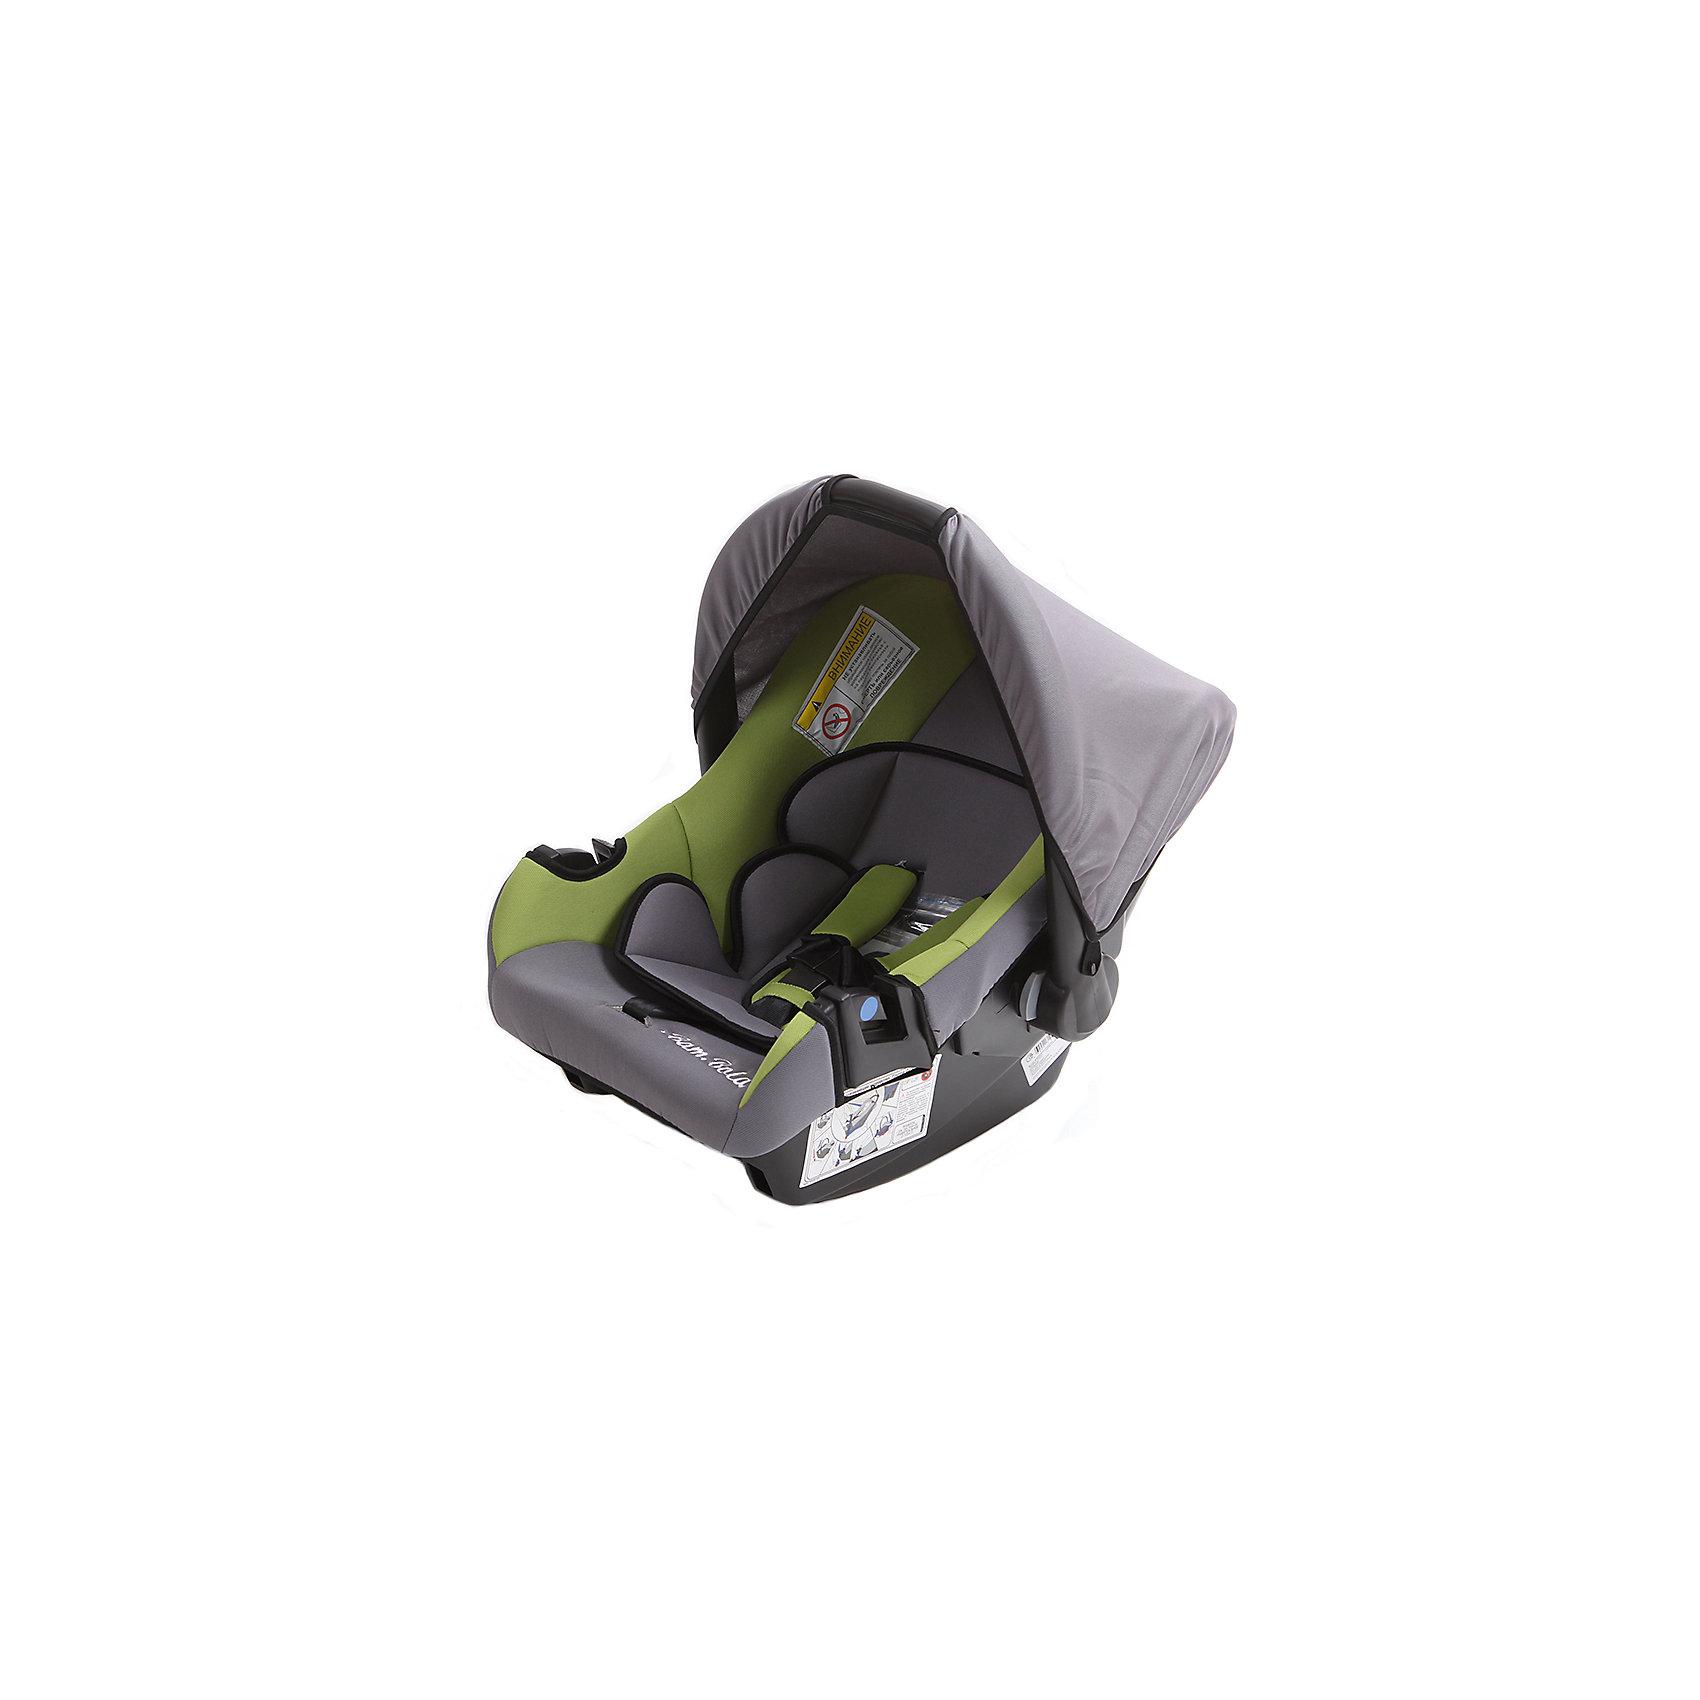 Автокресло NAUTILUS, 0-13 кг., Bamlola, серый/зеленыйBAMBOLA Автокресло 0-13 кг NAUTILUS Серый/Зеленый (3 шт в кор)<br><br>Ширина мм: 800<br>Глубина мм: 440<br>Высота мм: 340<br>Вес г: 1270<br>Возраст от месяцев: -2147483648<br>Возраст до месяцев: 2147483647<br>Пол: Унисекс<br>Возраст: Детский<br>SKU: 5500129